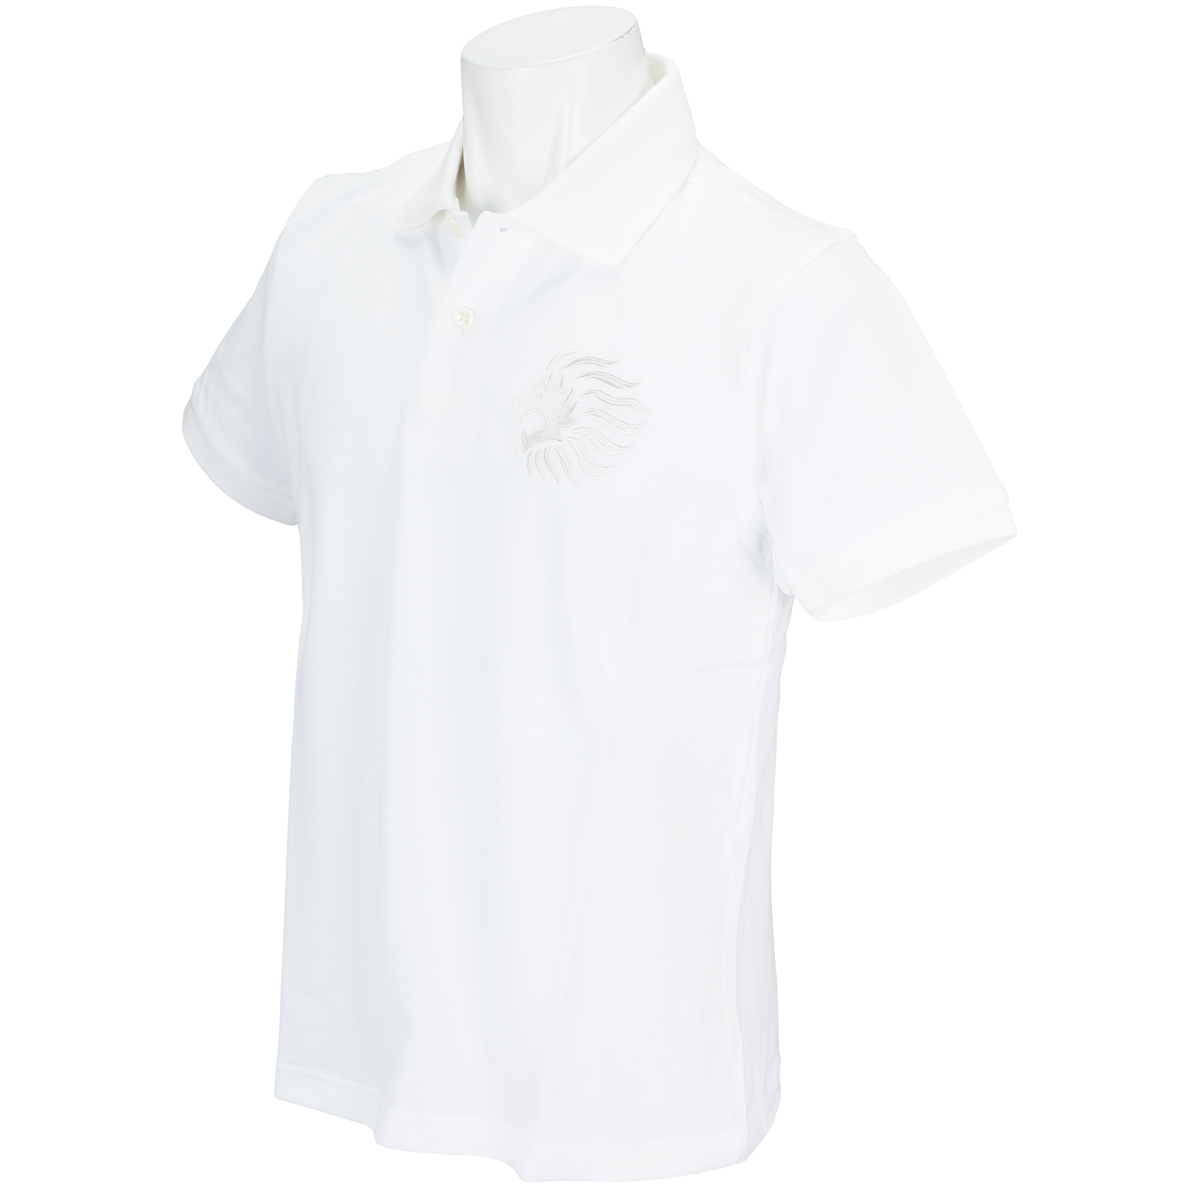 ライオン刺繍 半袖ポロシャツ